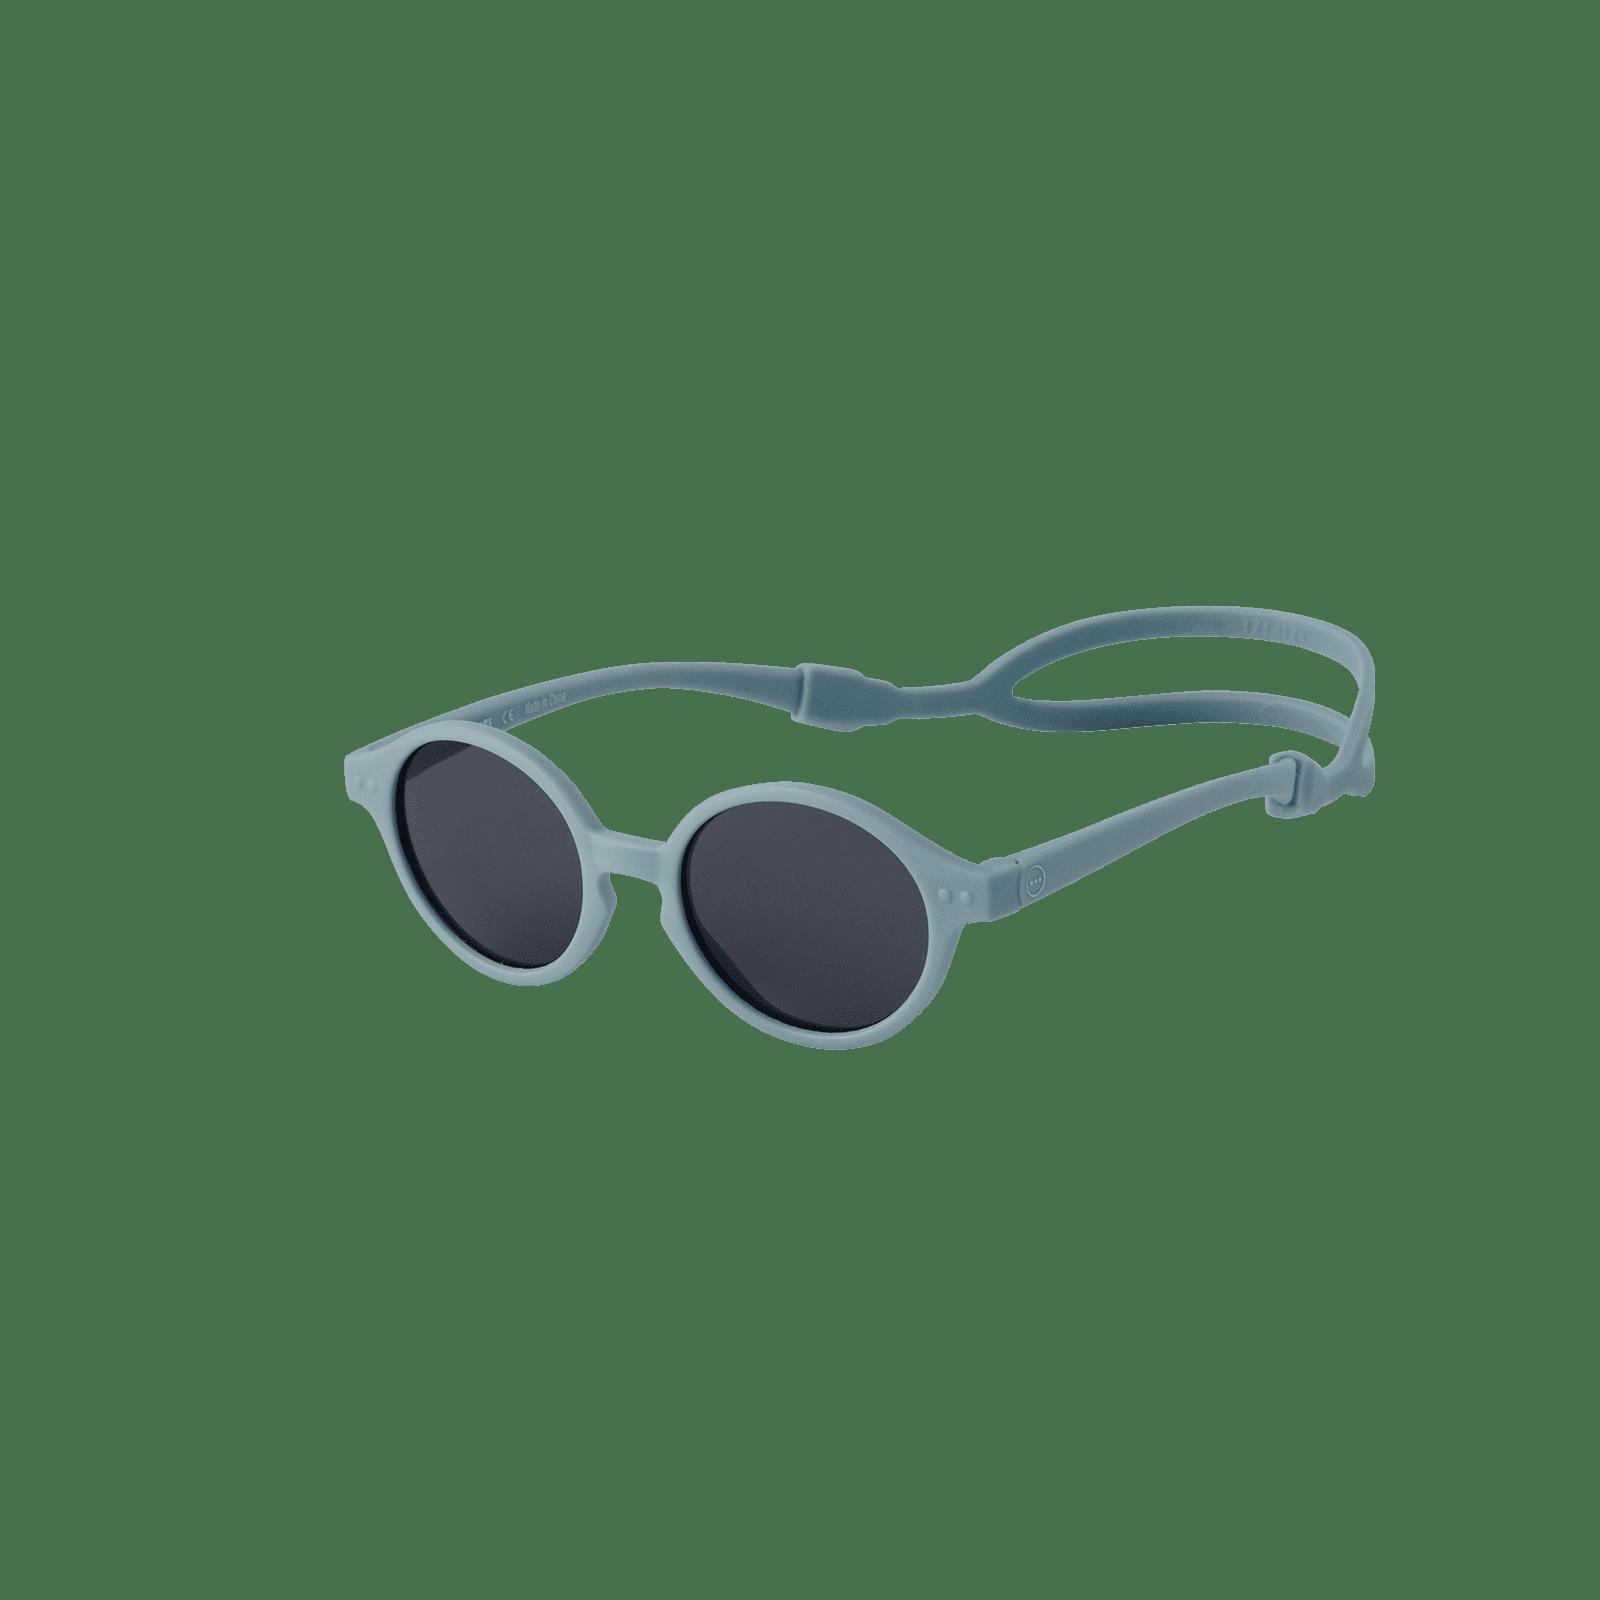 マールマール サングラス IZIPIZI sunglasses 1 blue baby